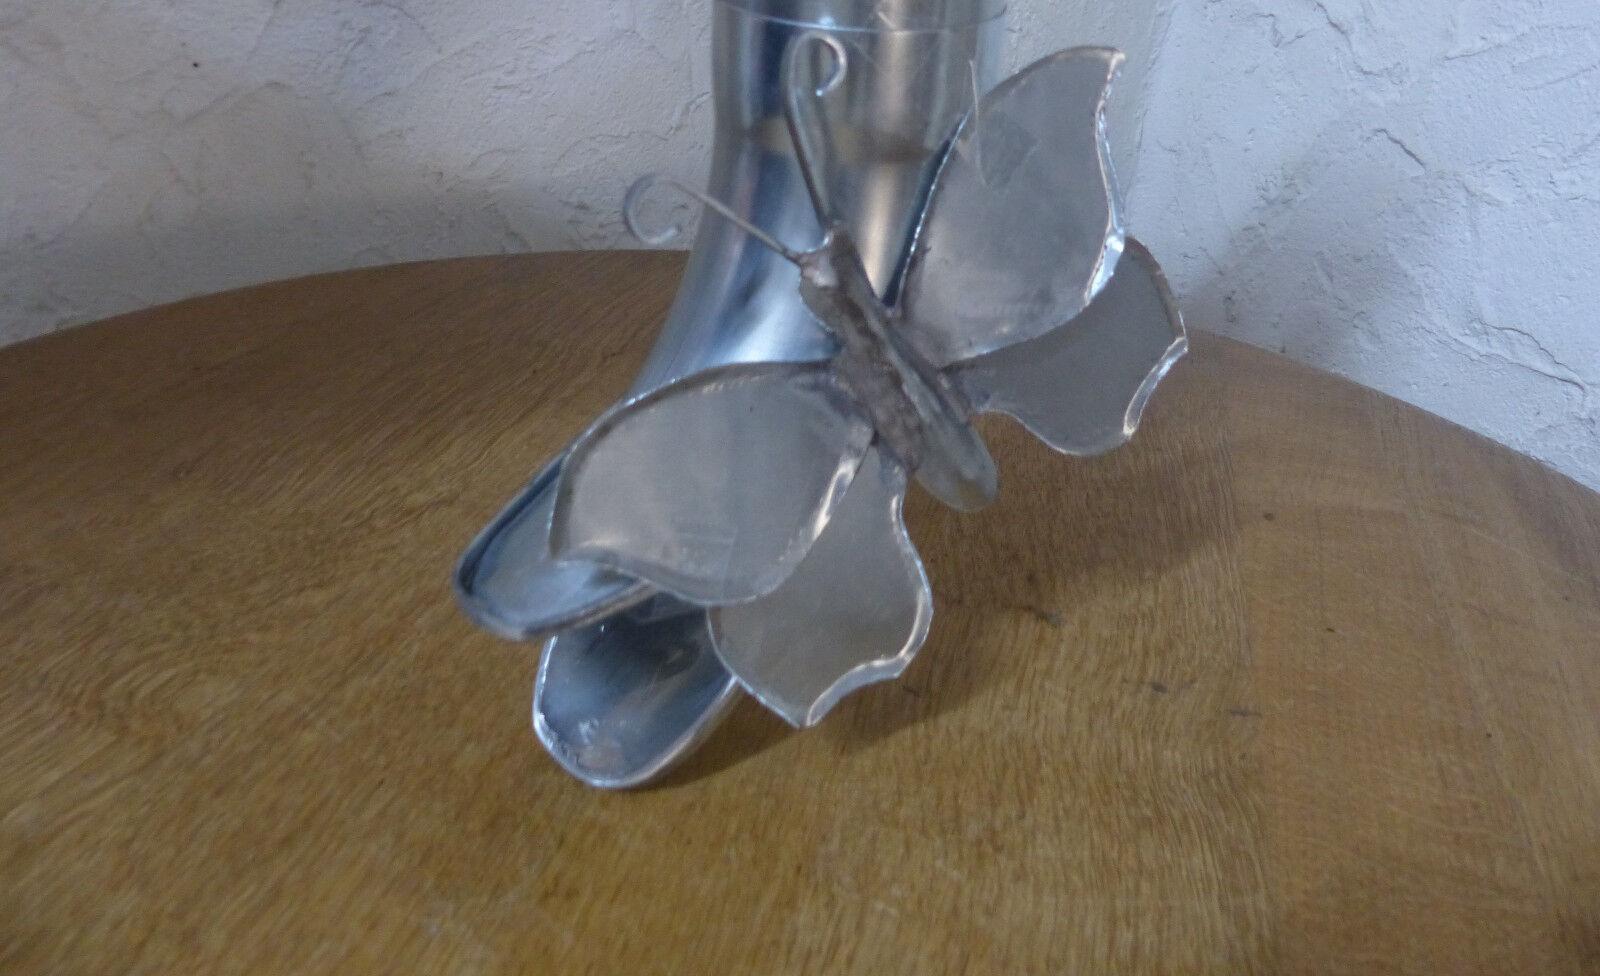 Wasserspeier Zink Wasserablauf Regenrohrablauf Durchm. 60,76,80,87,100 mm